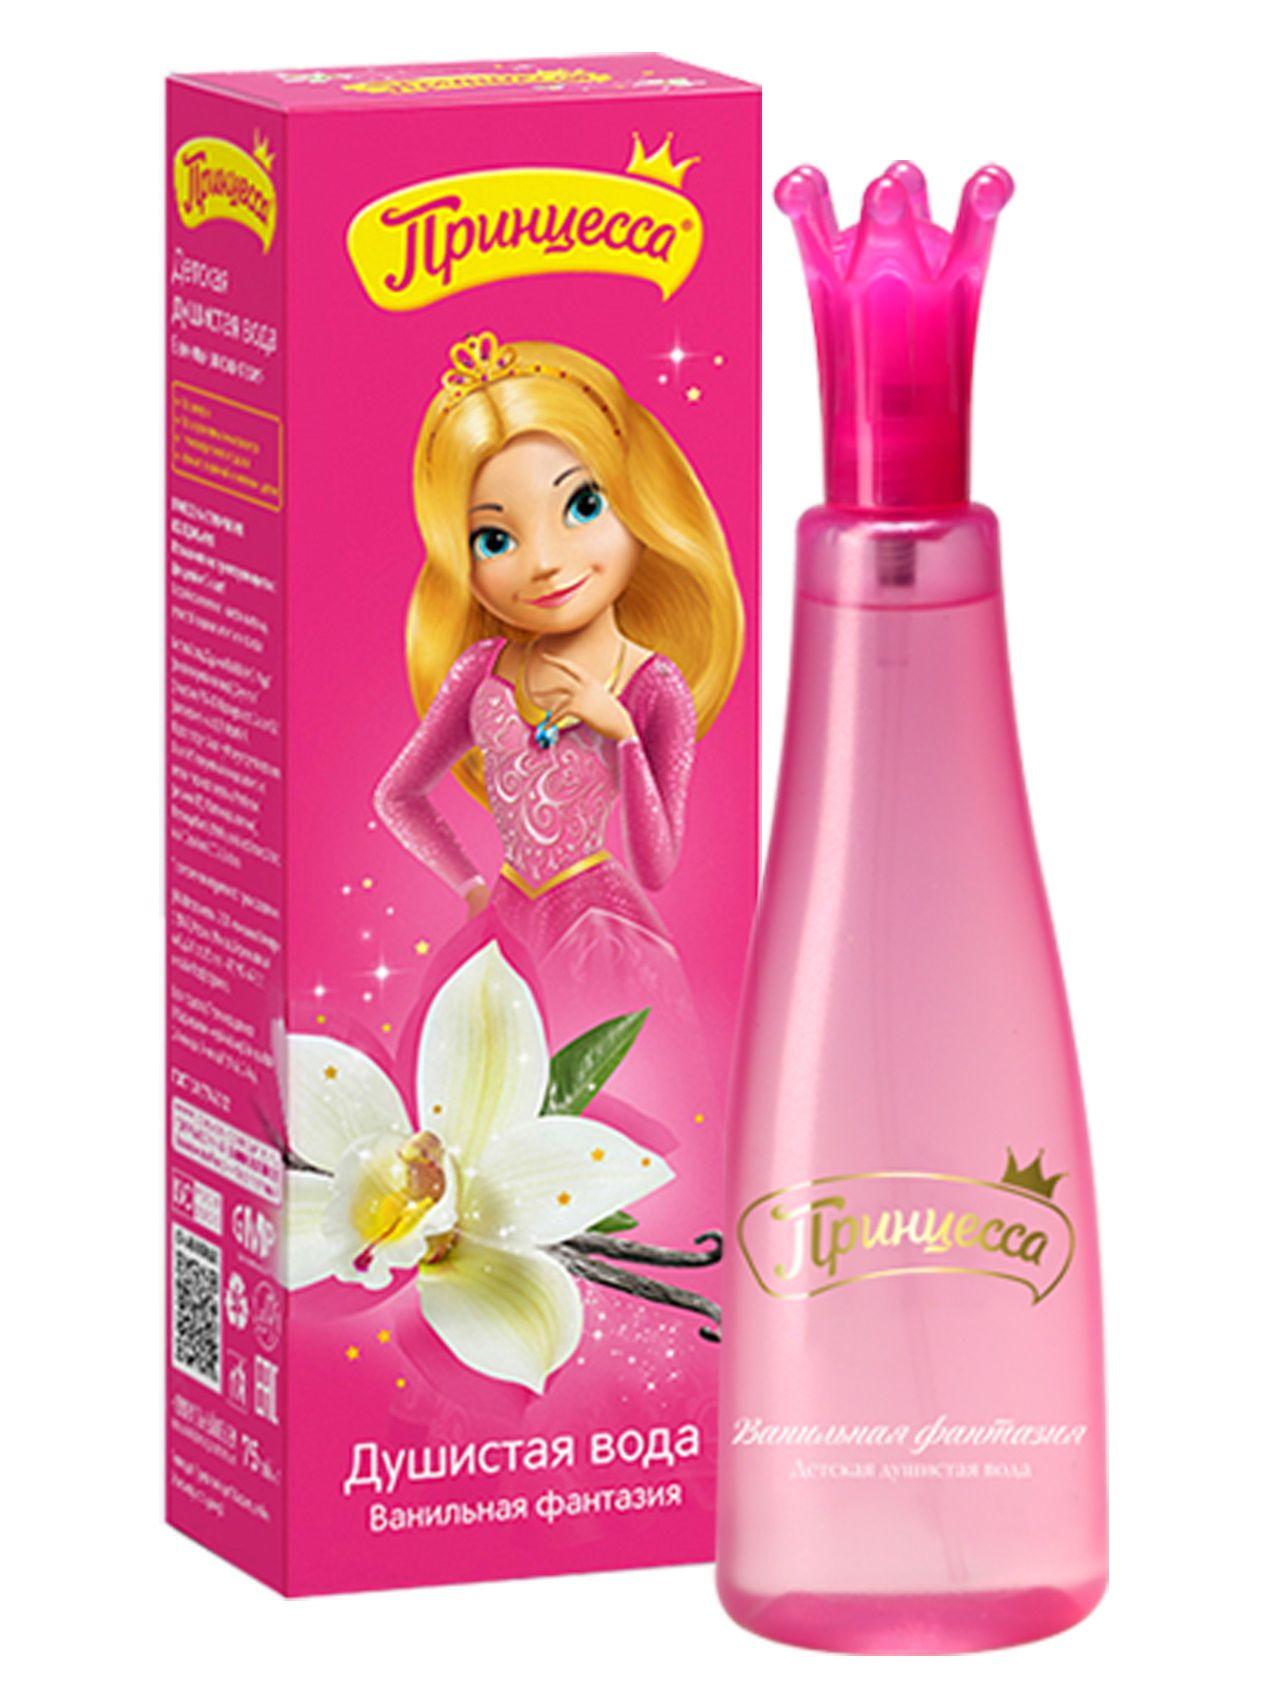 Душистая вода для девочек Принцесса ванильная фантазия,